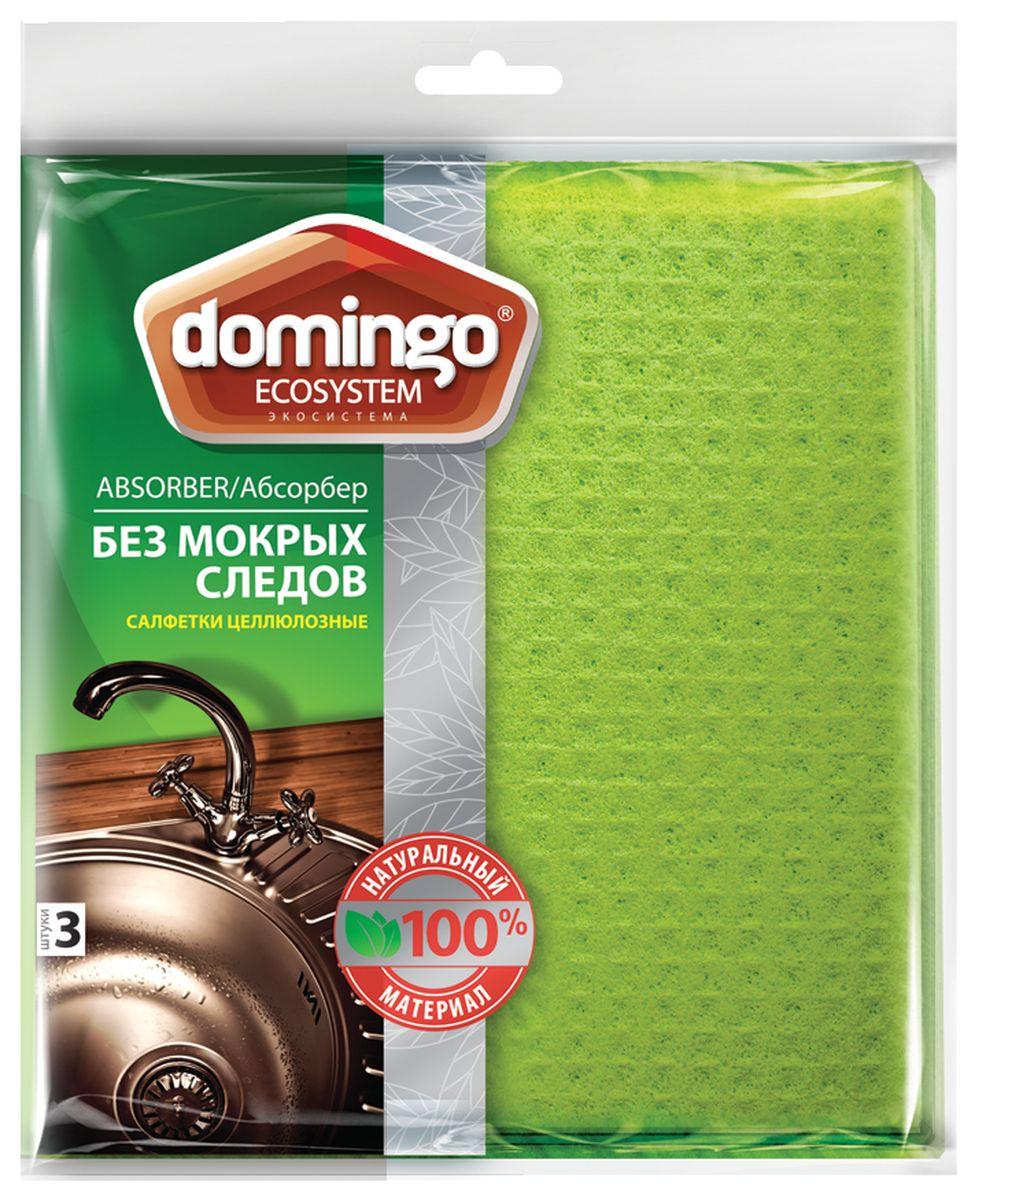 Салфетка для уборки Доминго Абсорбер, целлюлозная, 18 х 20 см, 3 штС0102Салфетка для уборки Доминго Абсорбер подходит для ежедневной уборки кухонных поверхностей. Лучший способ вытирать поверхности насухо: даже влажная отжатая салфетка не оставляет влаги на поверхности. Идеальны для уборки пыли: пыль отлично прилипает и легко споласкивается.